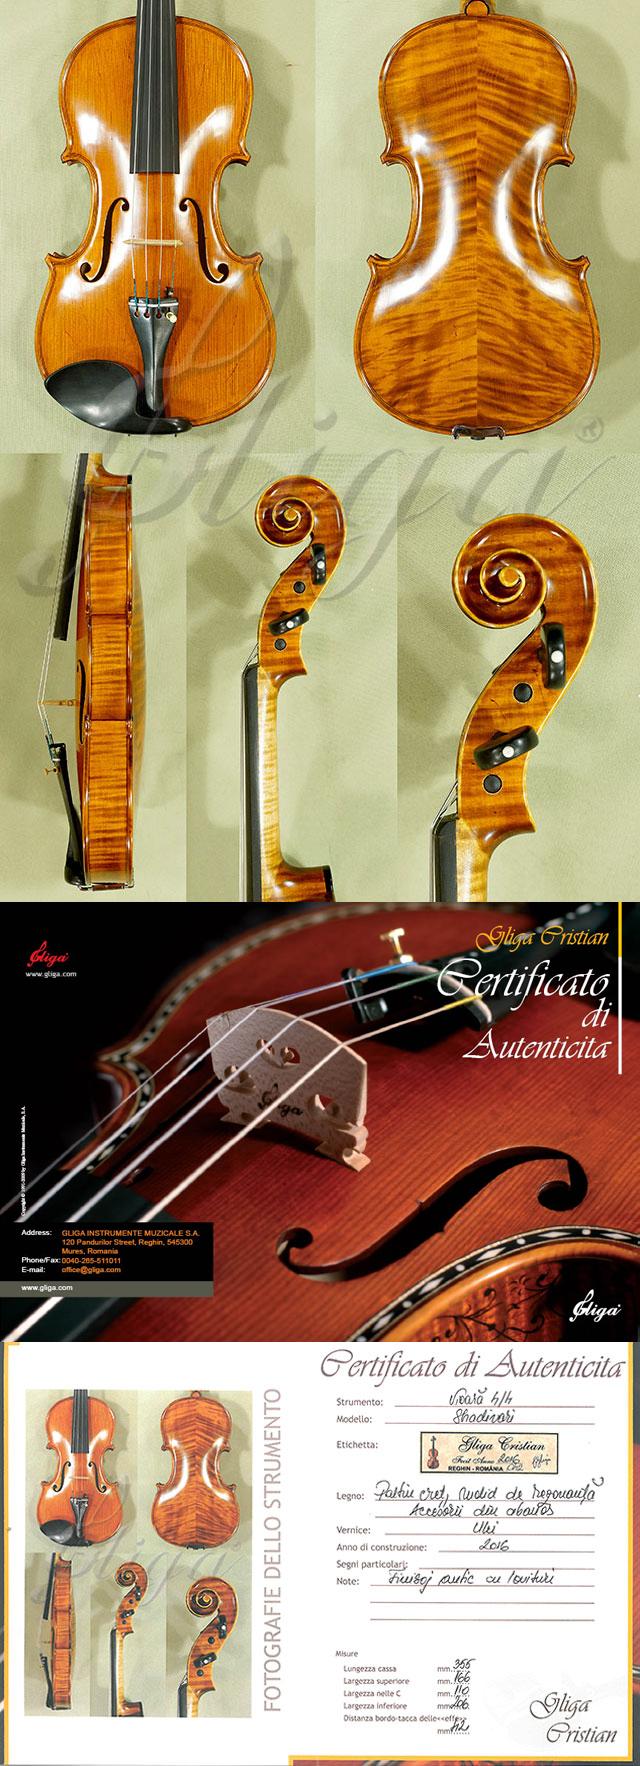 Scratched 4/4 MAESTRO VASILE GLIGA Violin